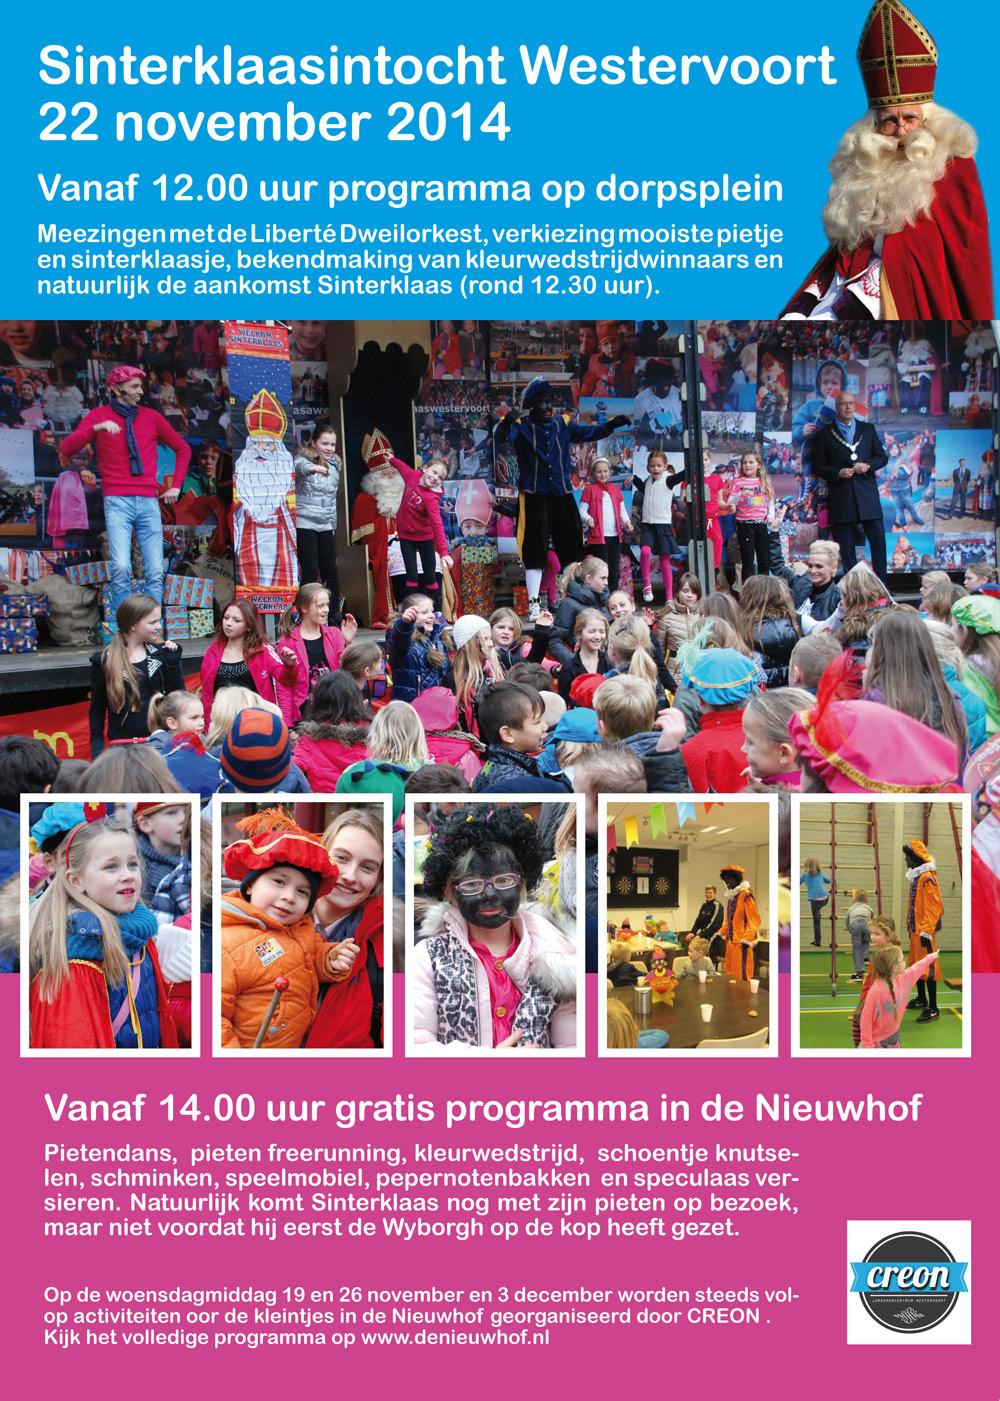 Intocht Sinterklaas Westervoort Duivenplaza Nl